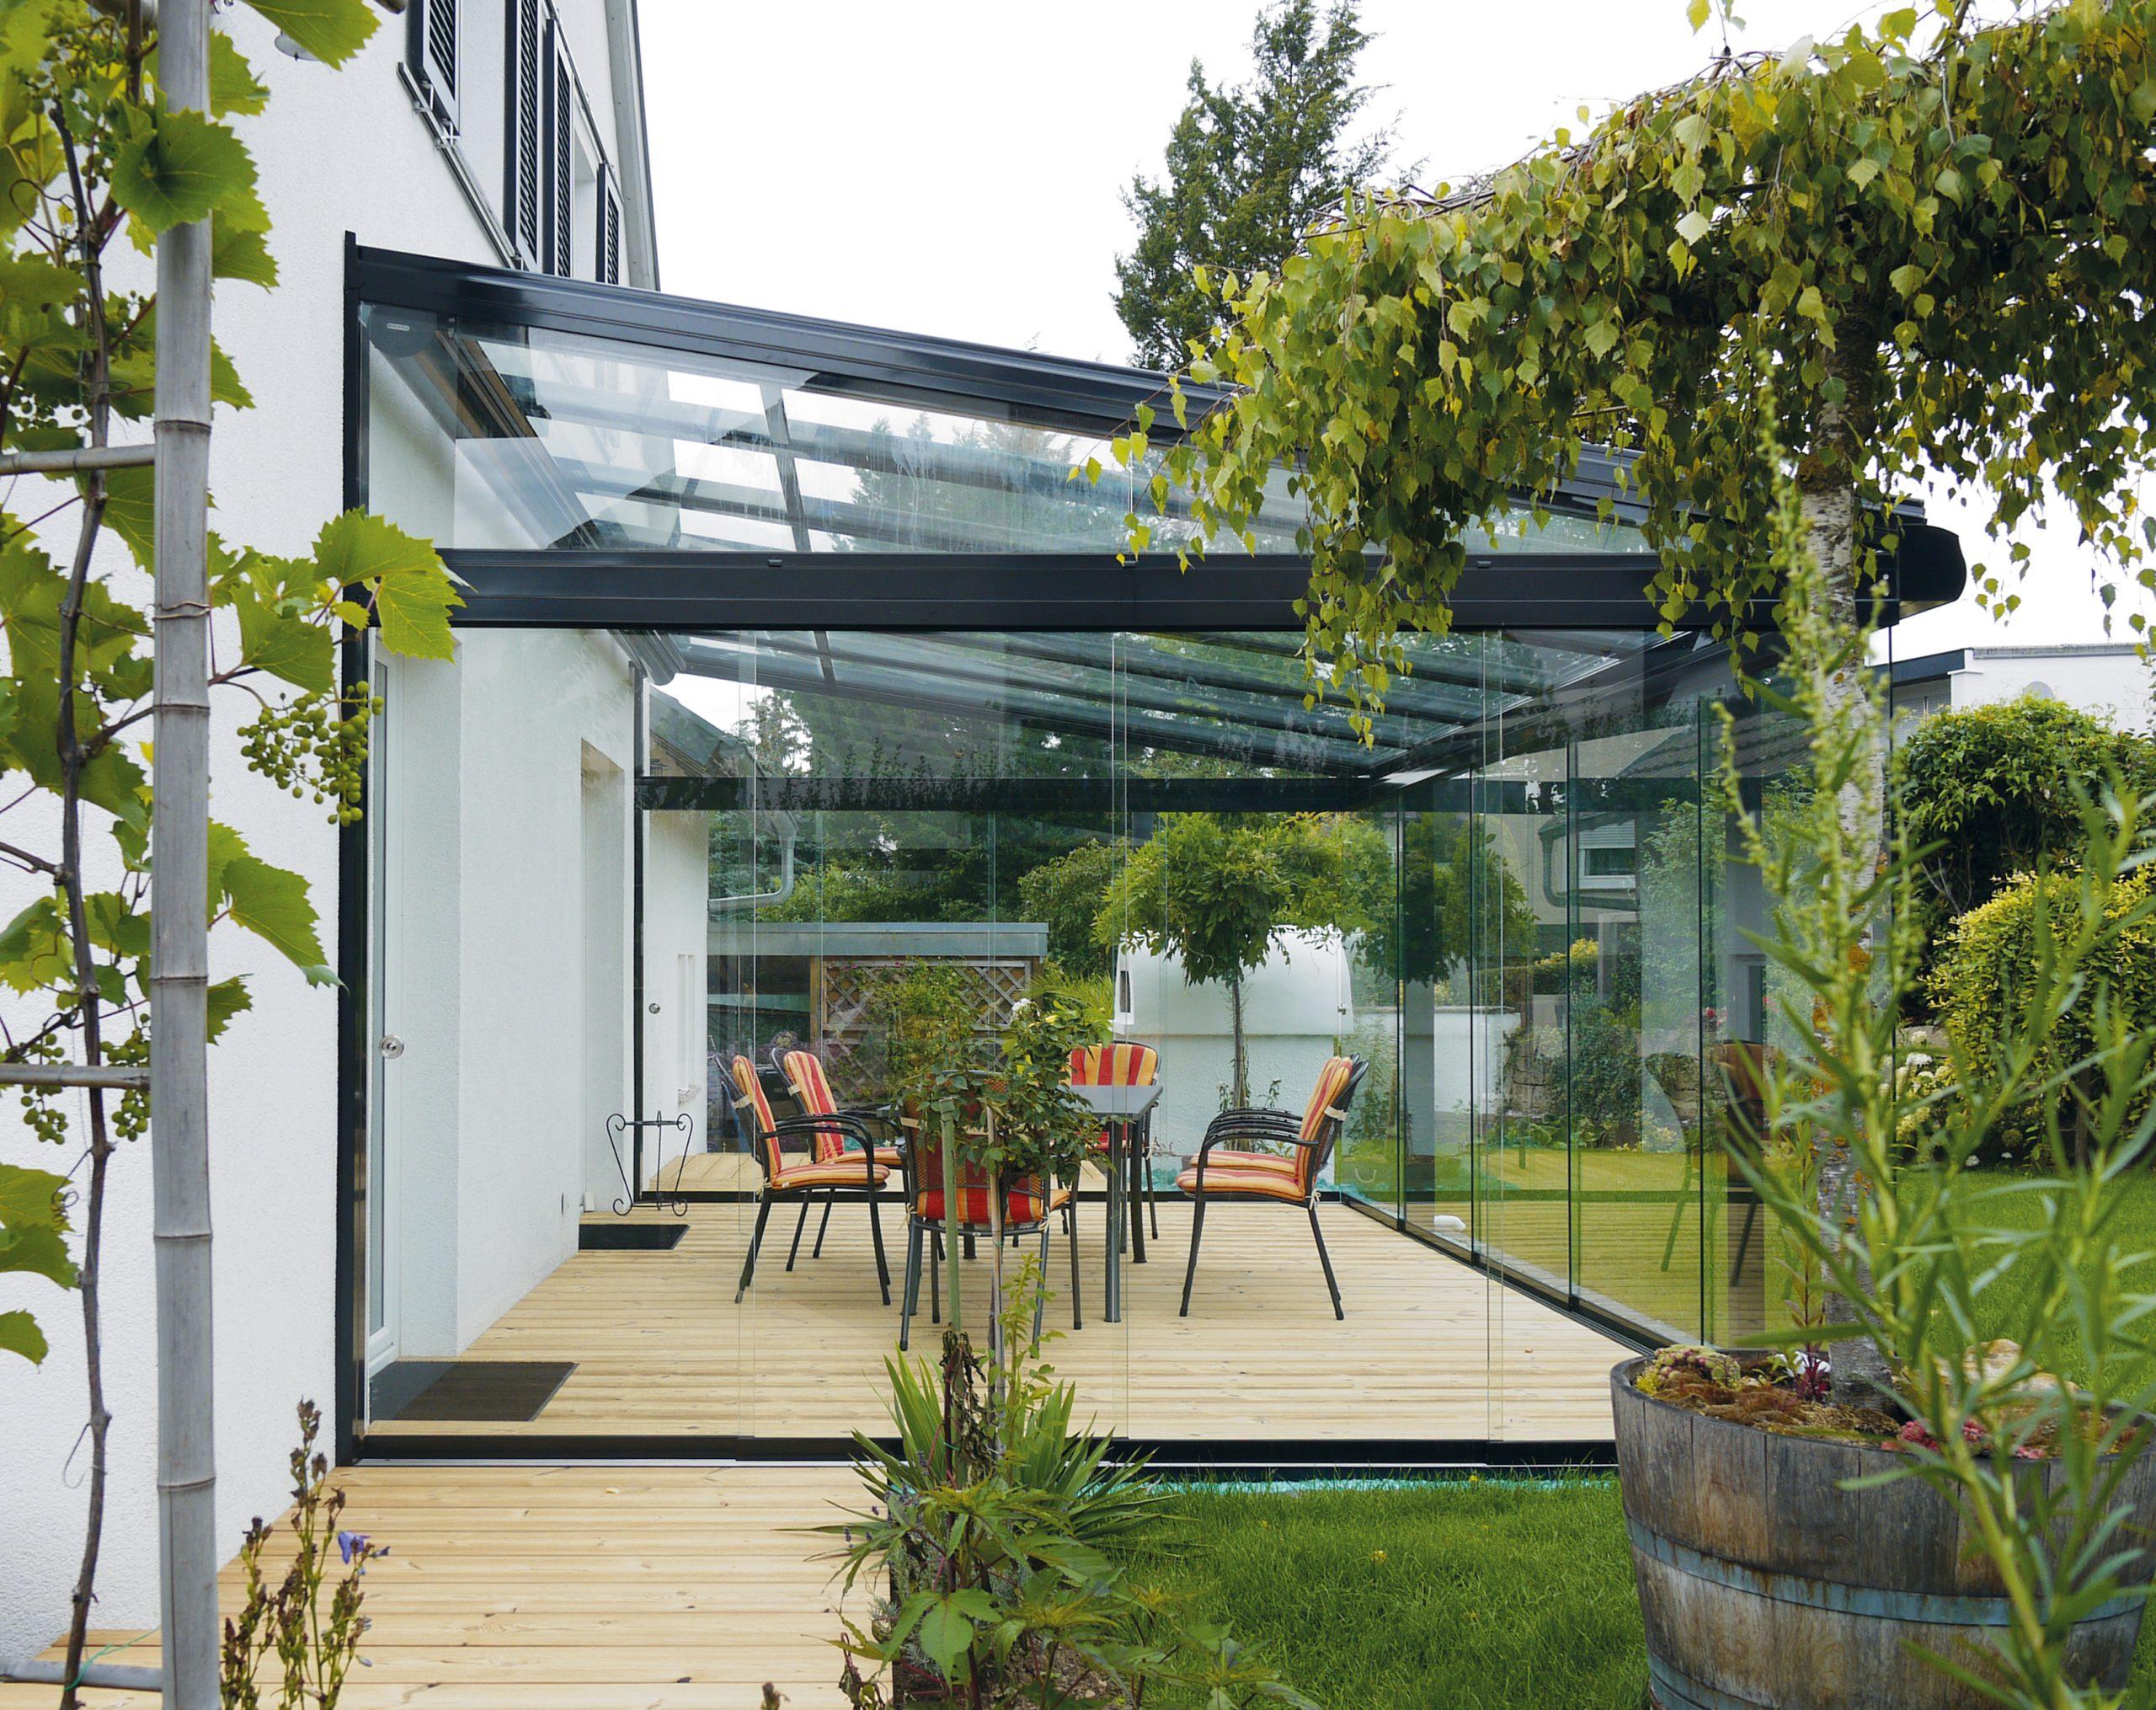 Sommergarten mit Ganz-Glas Schiebanlage der Marke WiPro von Ottis Fenster und Türen